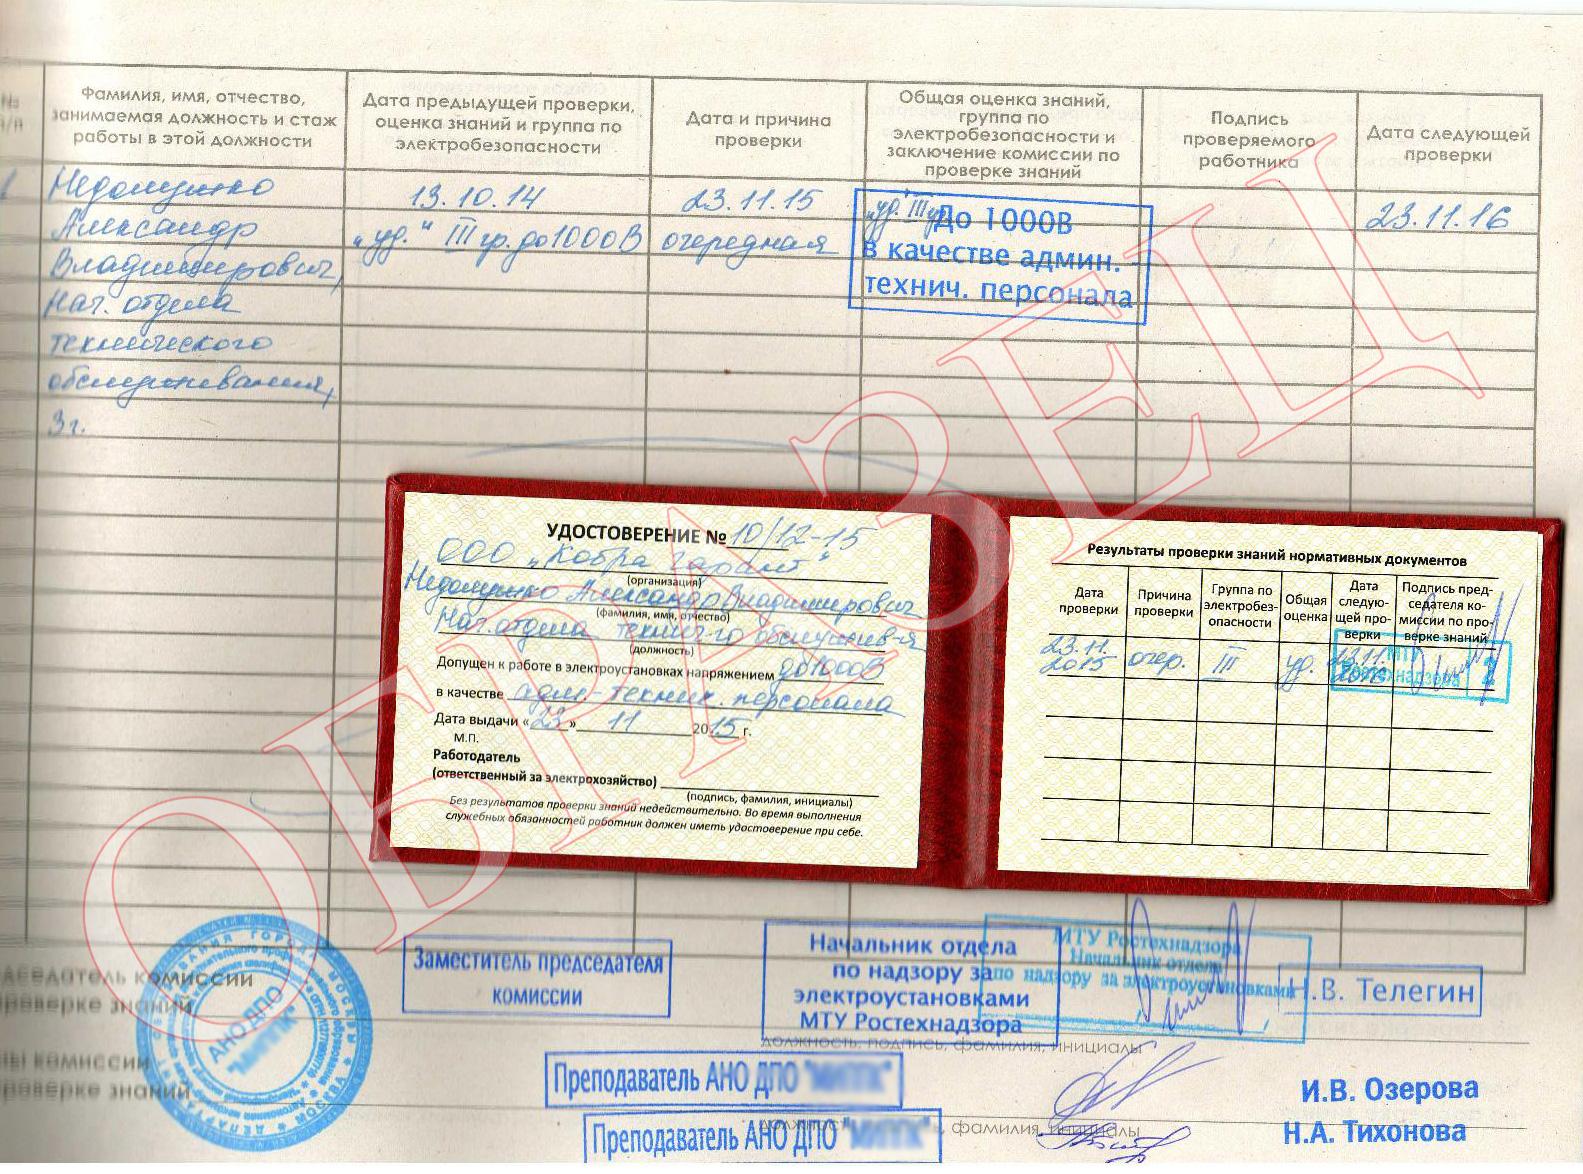 Электробезопасность и охрана труда в организации с выдачей образец приказа ответственный за электробезопасность на предприятии